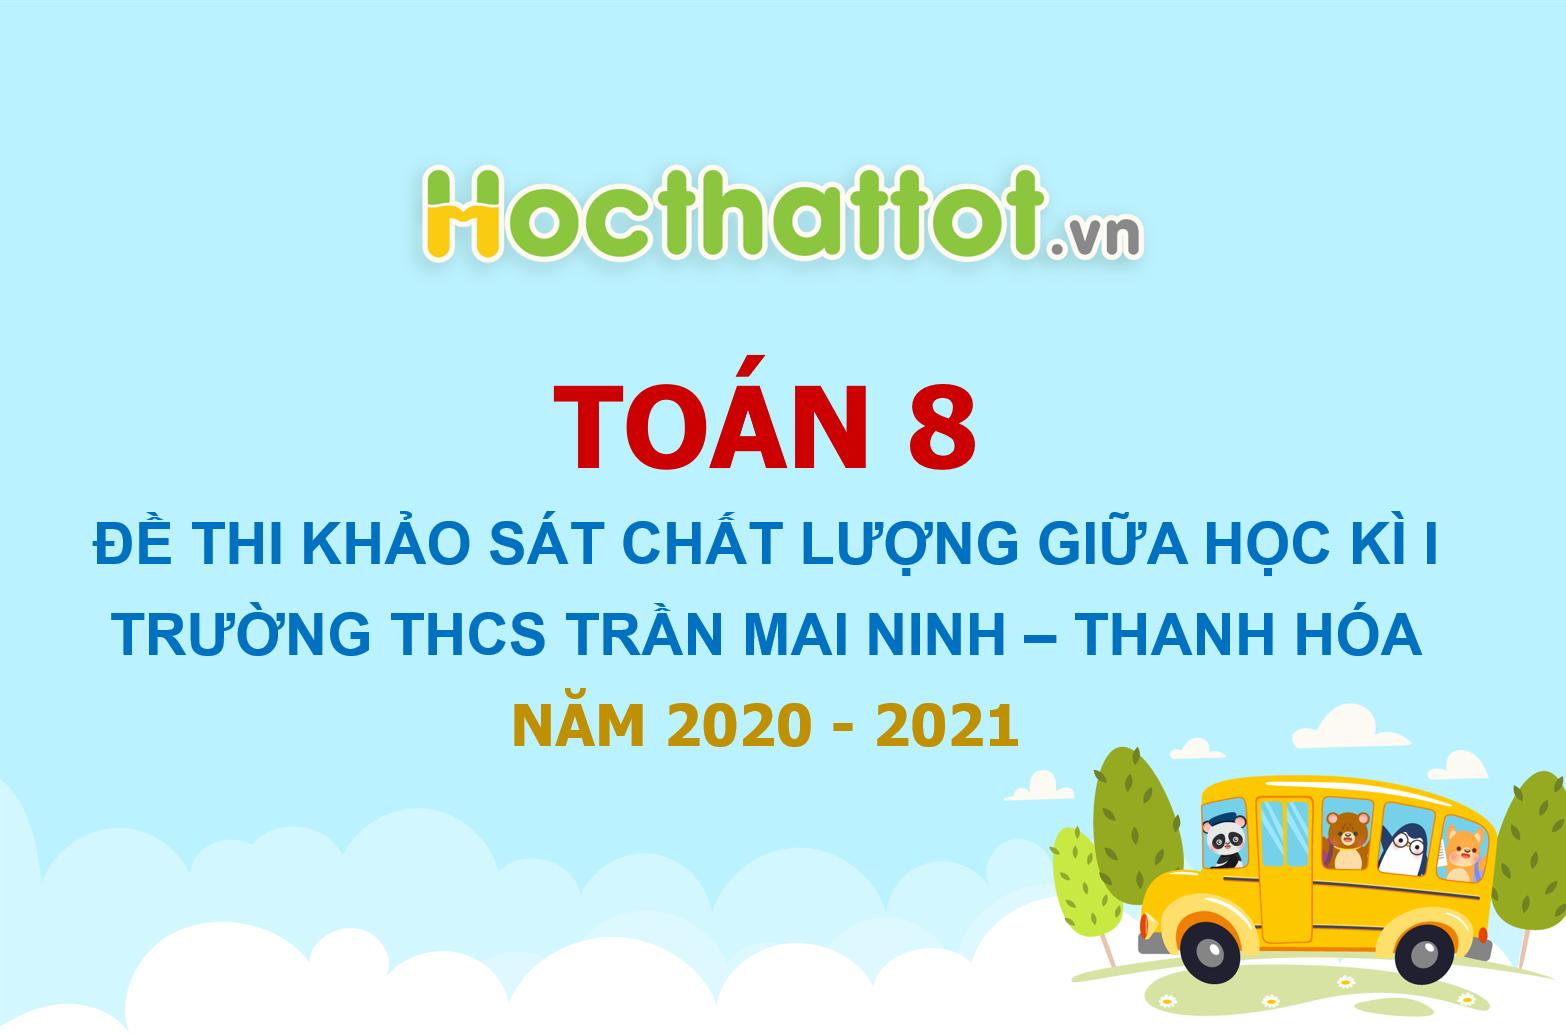 de-kscl-giua-ky-1-toan-8-nam-2020-2021-truong-thcs-tran-mai-ninh-thanh-hoa